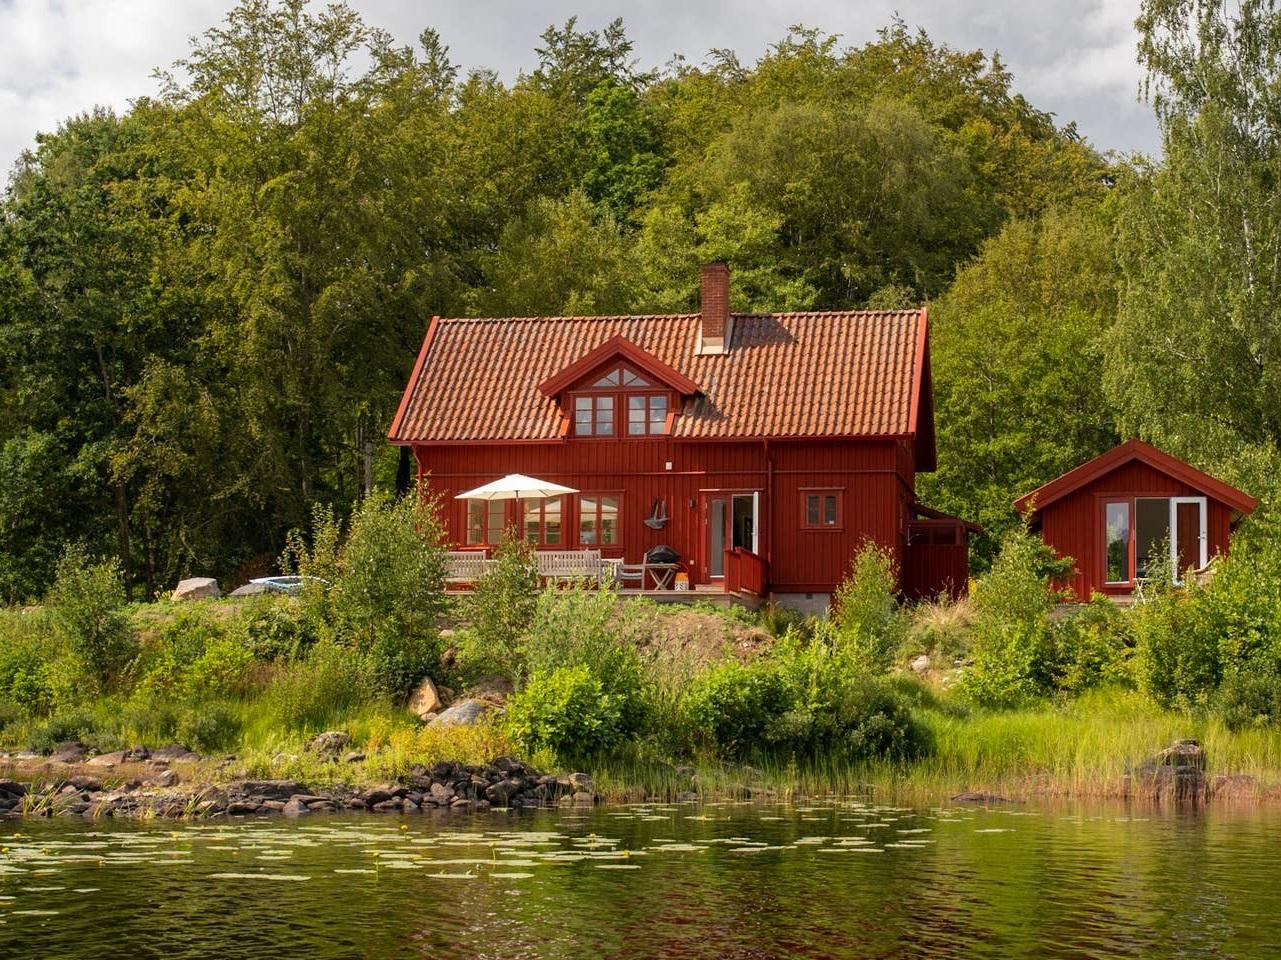 5-daagse retreat in Zweden: Persoonlijke ontwikkeling, Yoga en Meditatie